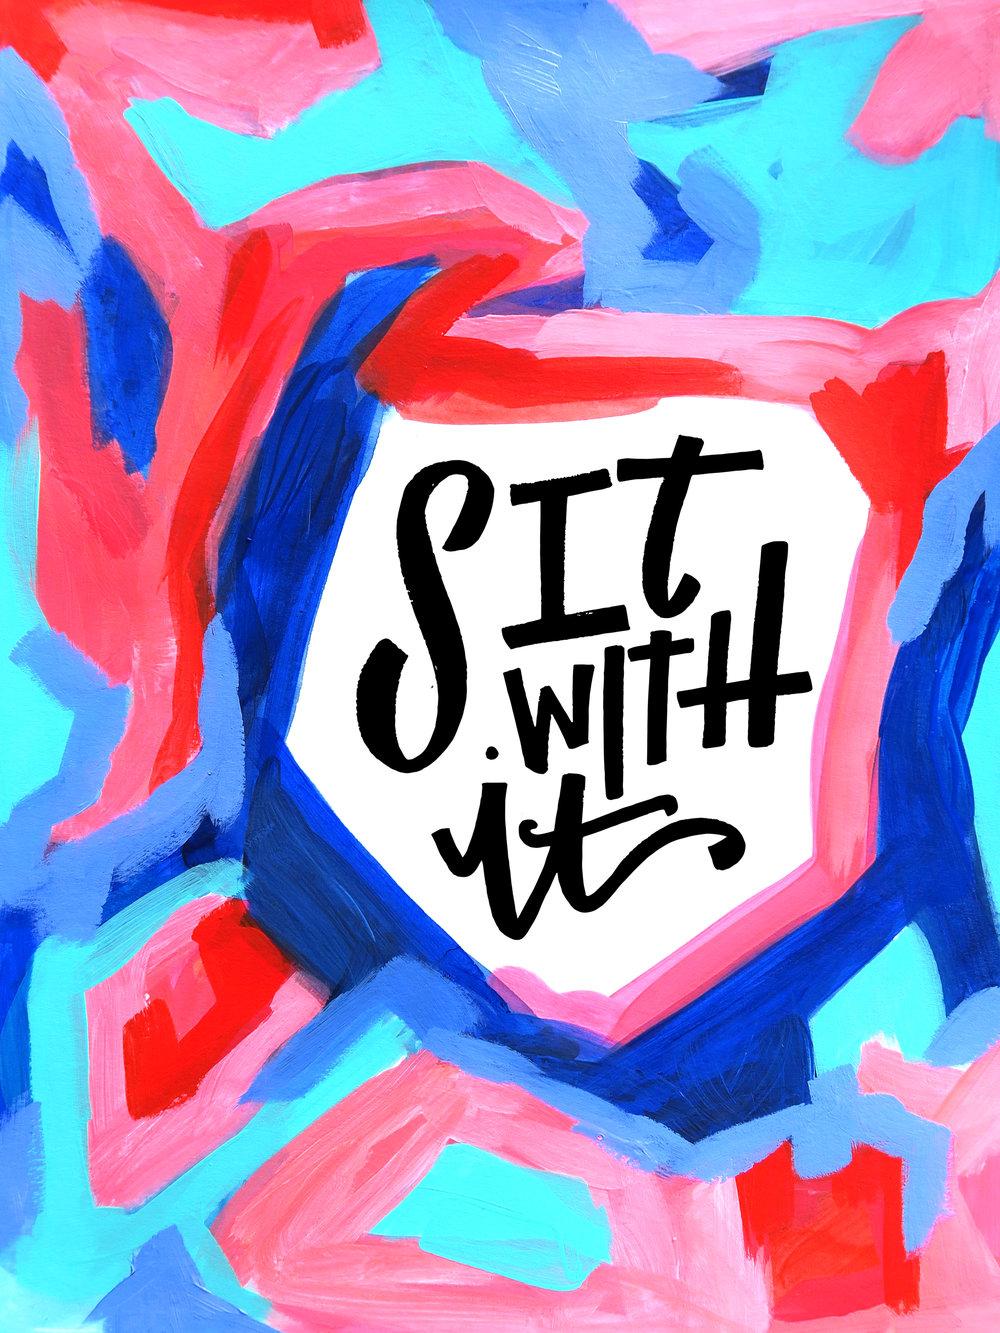 6/17/16: Sit